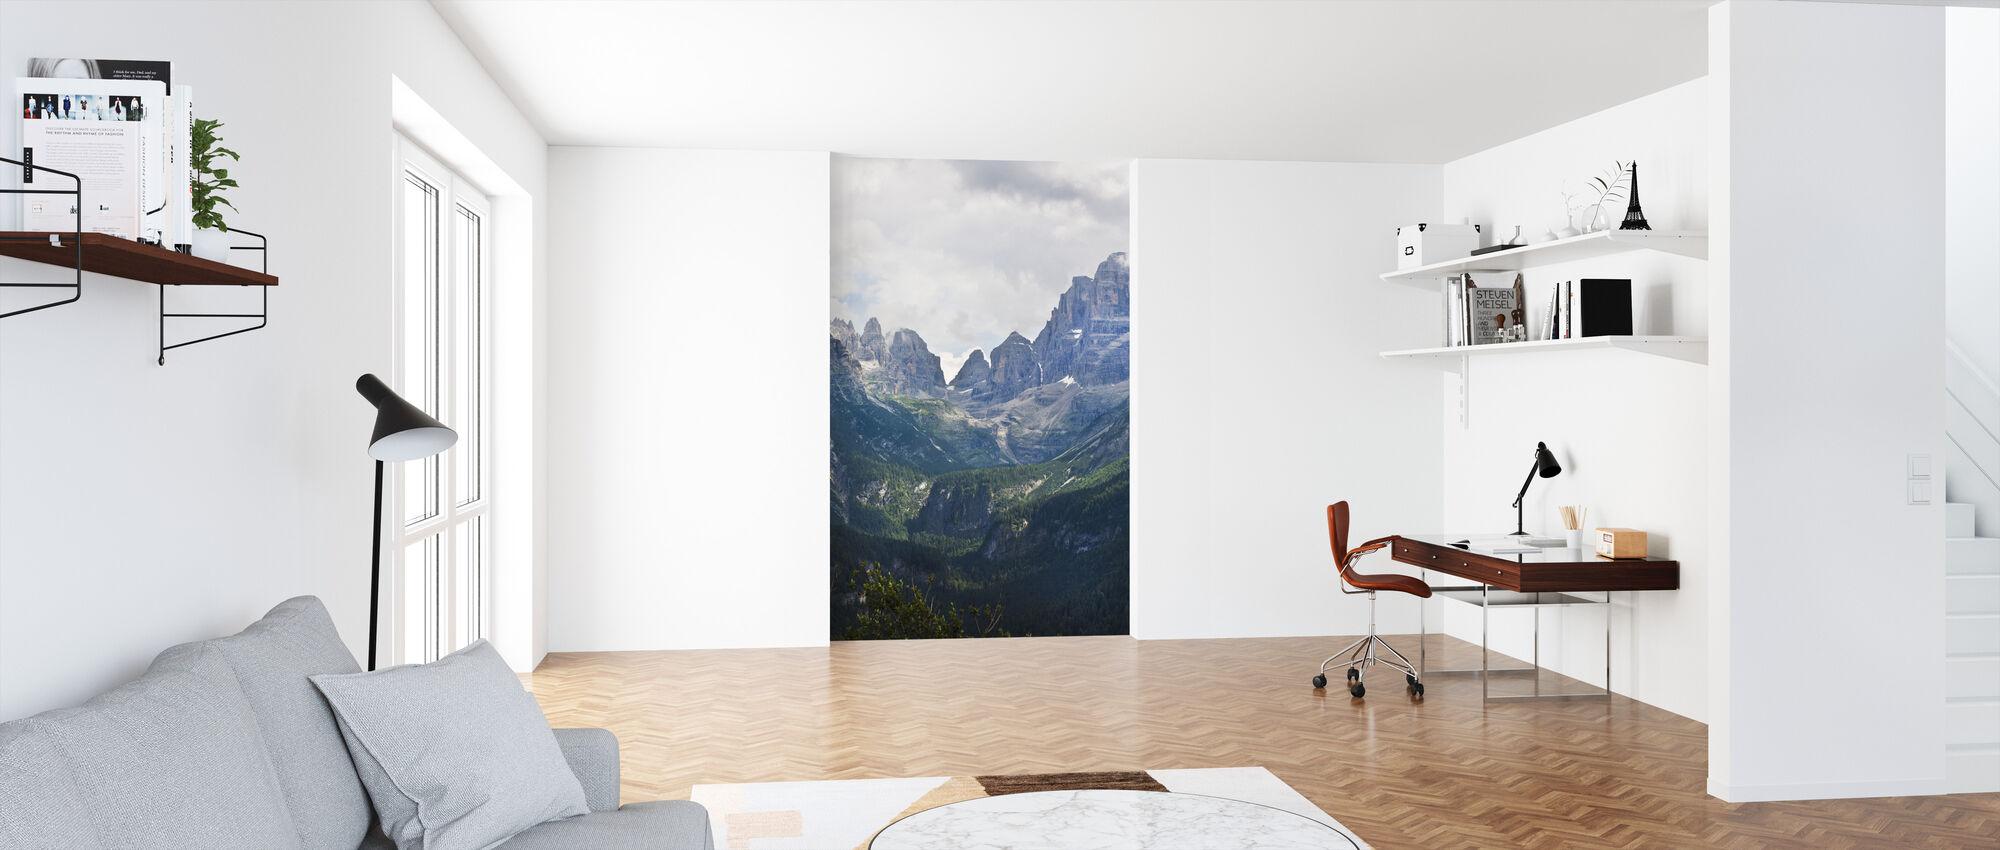 Madonna di Campiglio, Italy, Europe - Wallpaper - Office